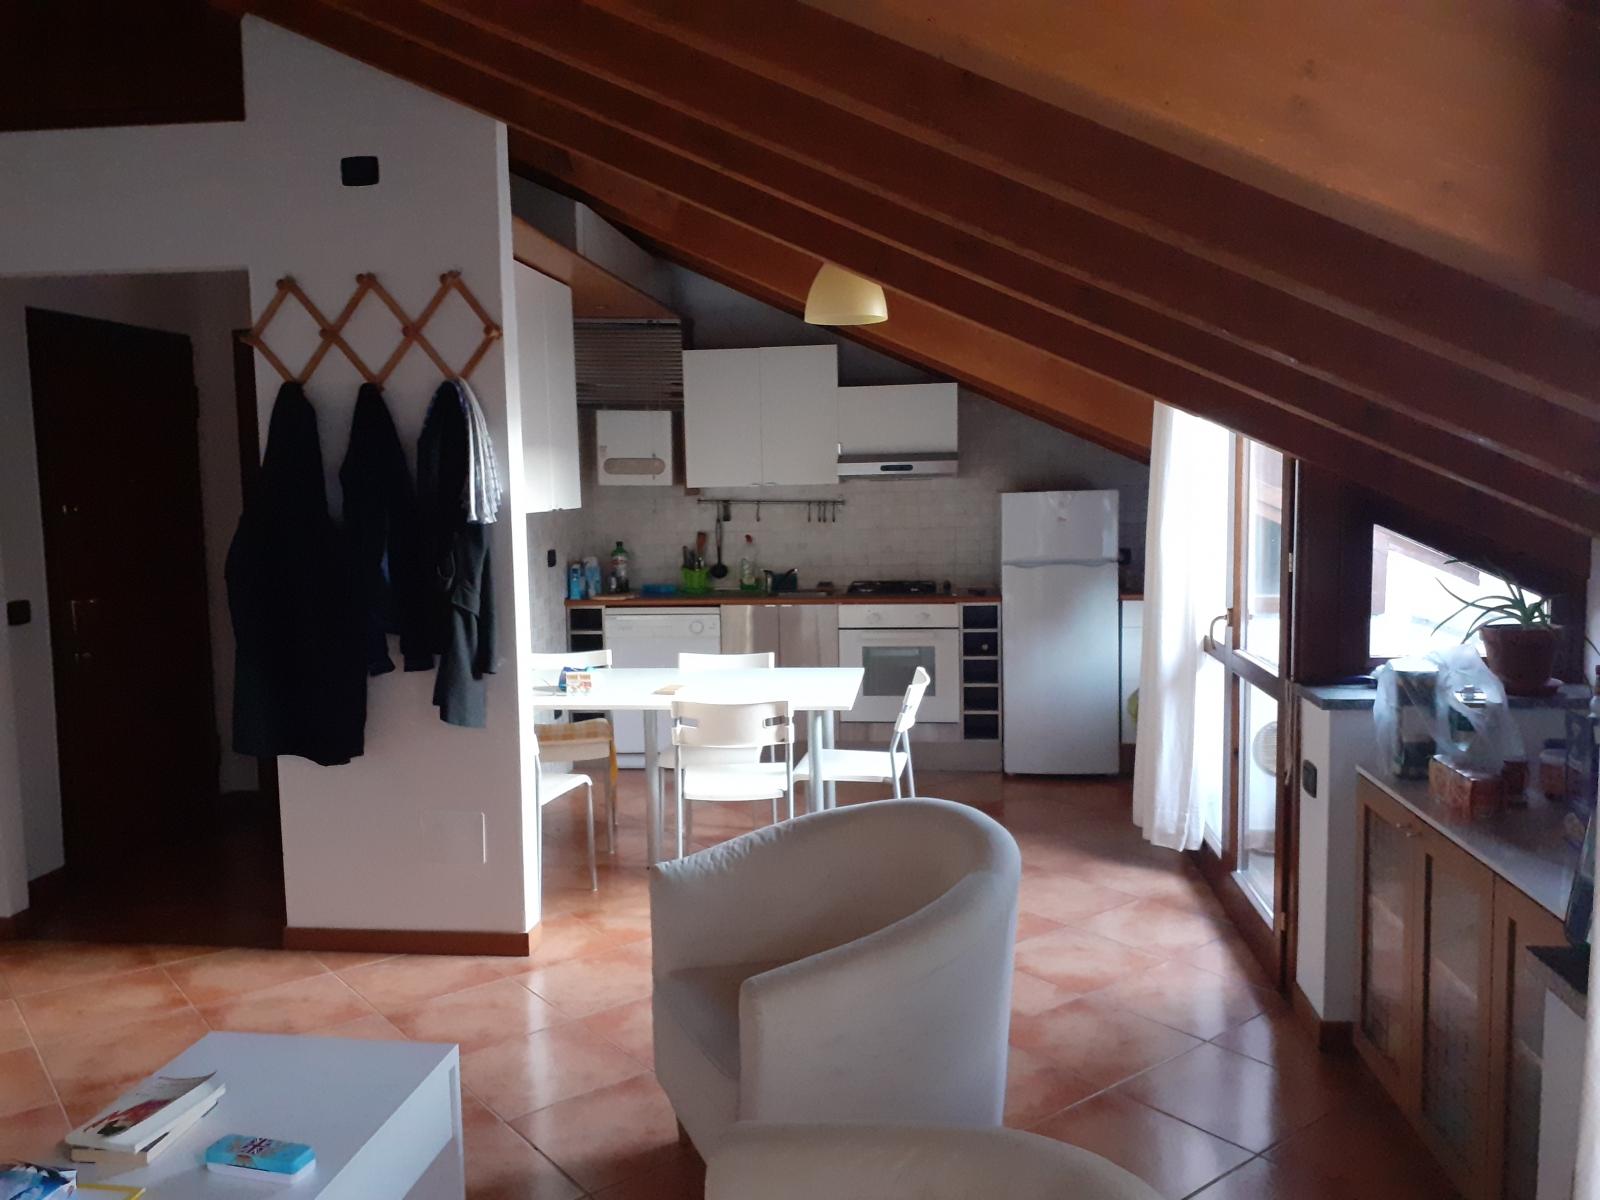 appartamento-in-vendita-a-rho-mansarda-2-3-locali-spaziourbano-immobiliere-vende-9